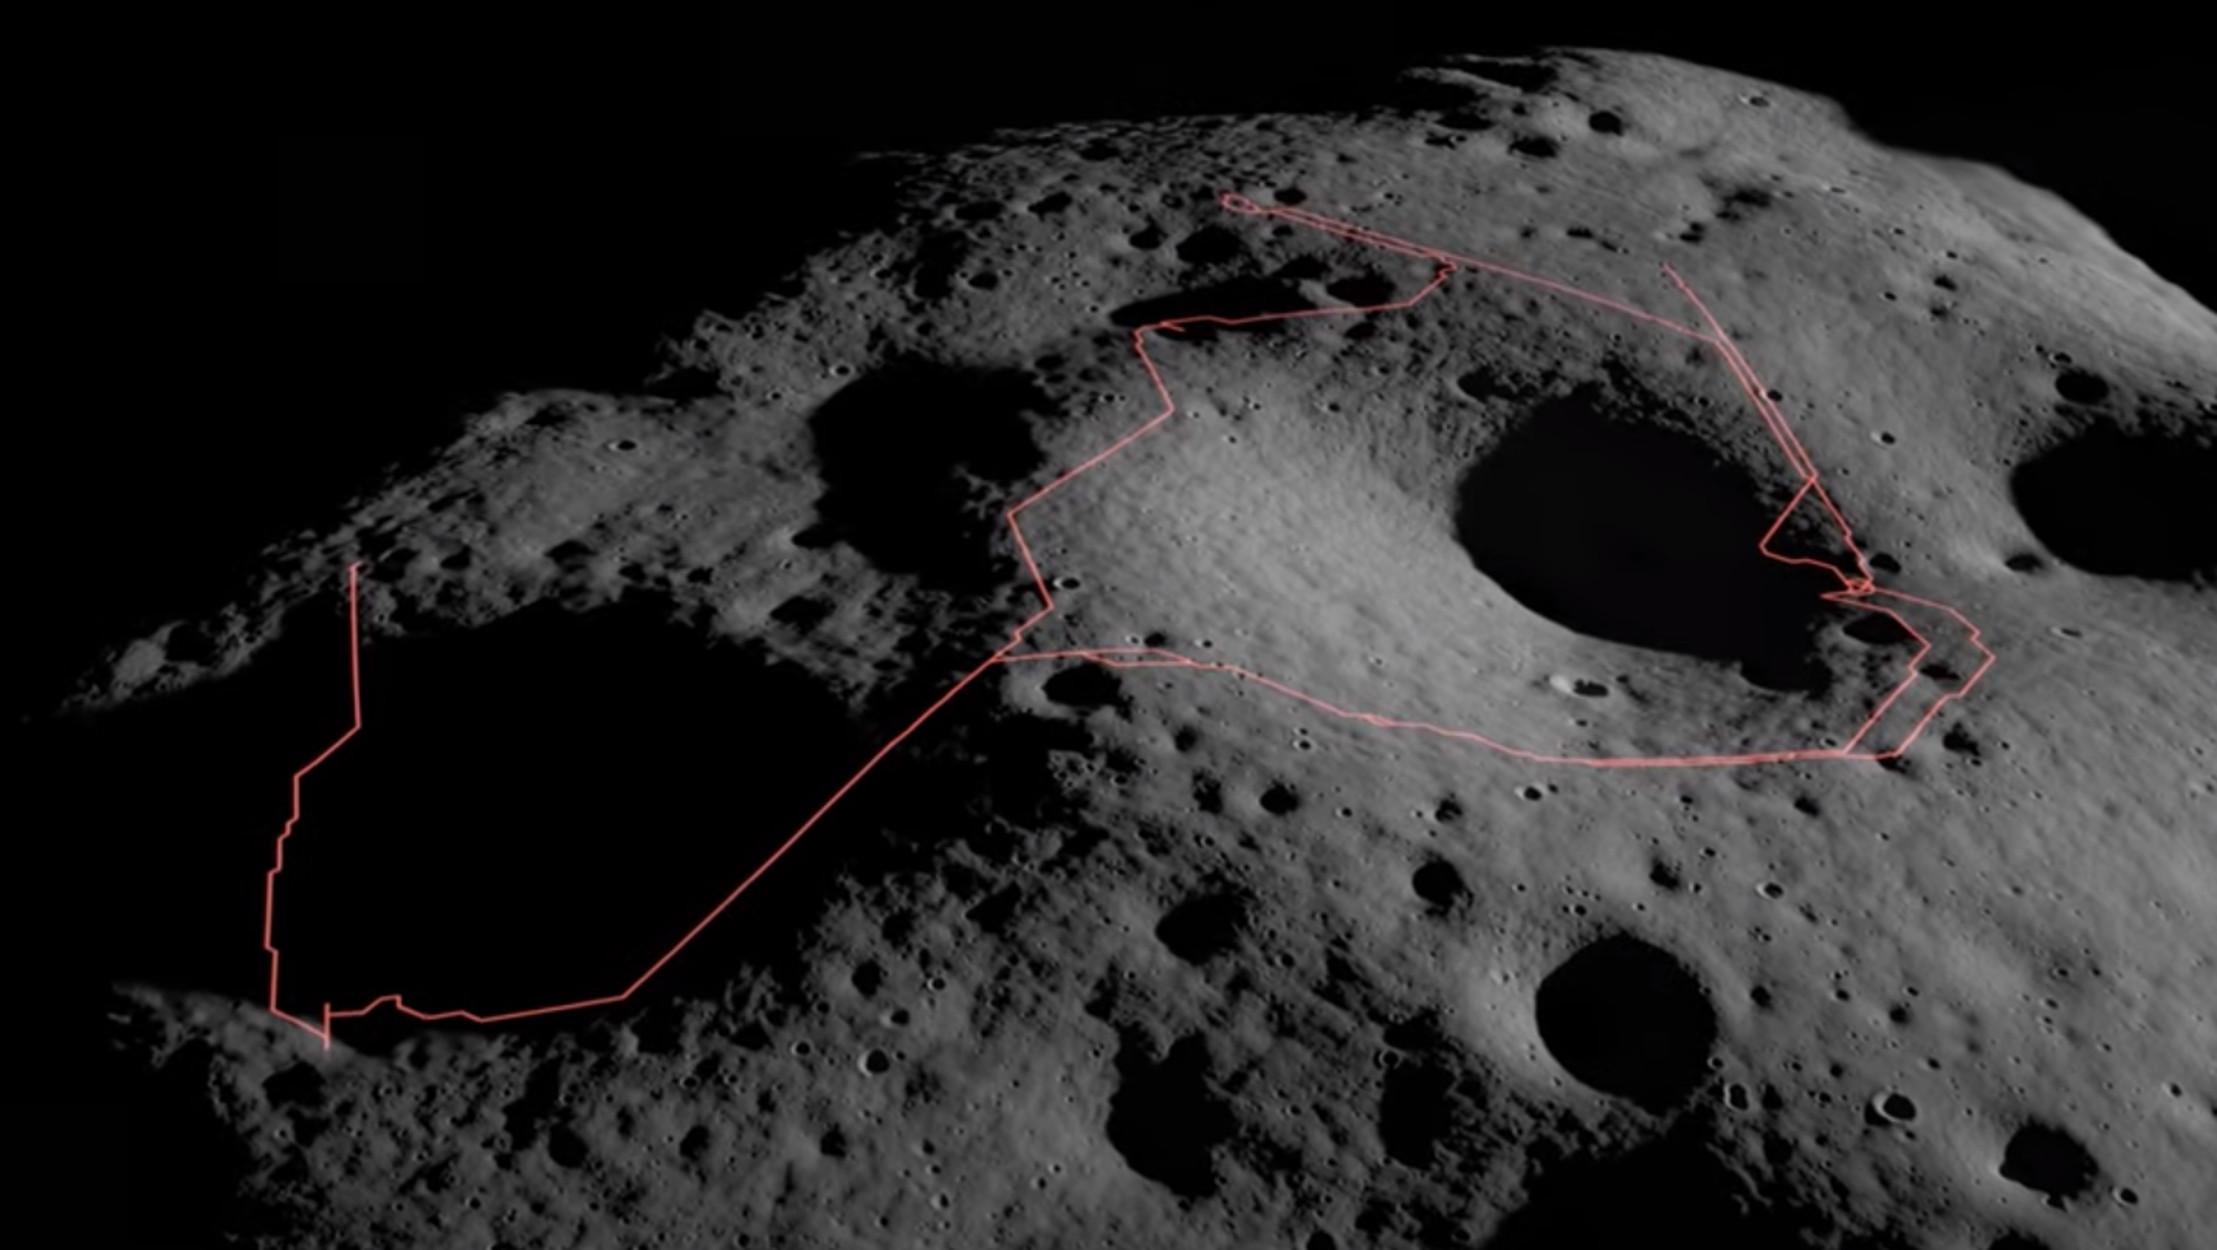 Η NASA διάλεξε το μέρος της Σελήνης που θα στείλει το ρόβερ «Άρτεμις» να ψάξει νερό